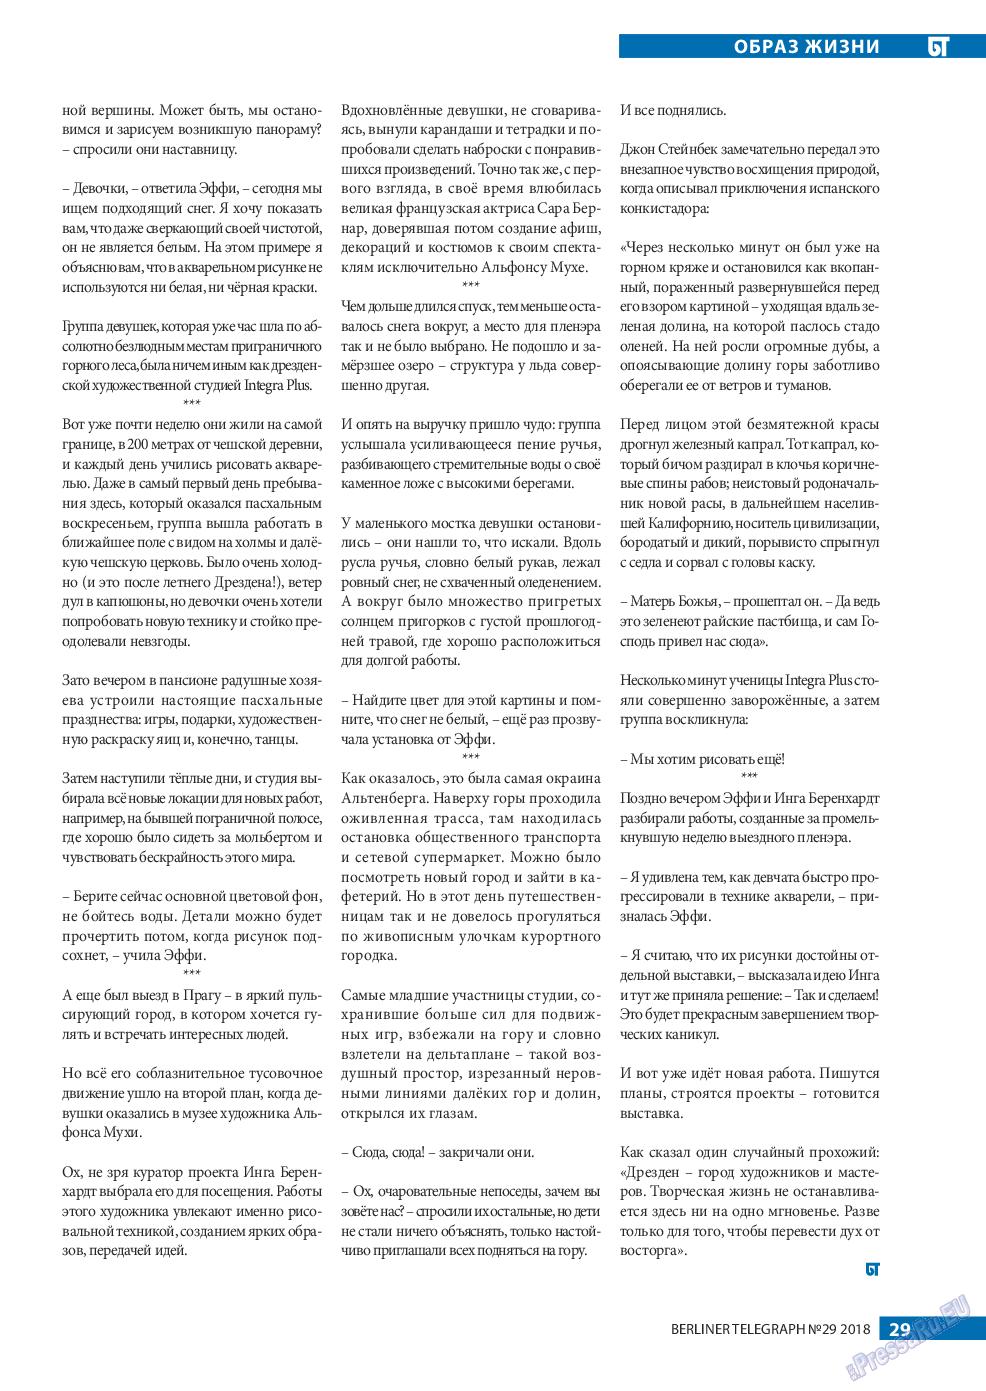 Берлинский телеграф (журнал). 2018 год, номер 29, стр. 29